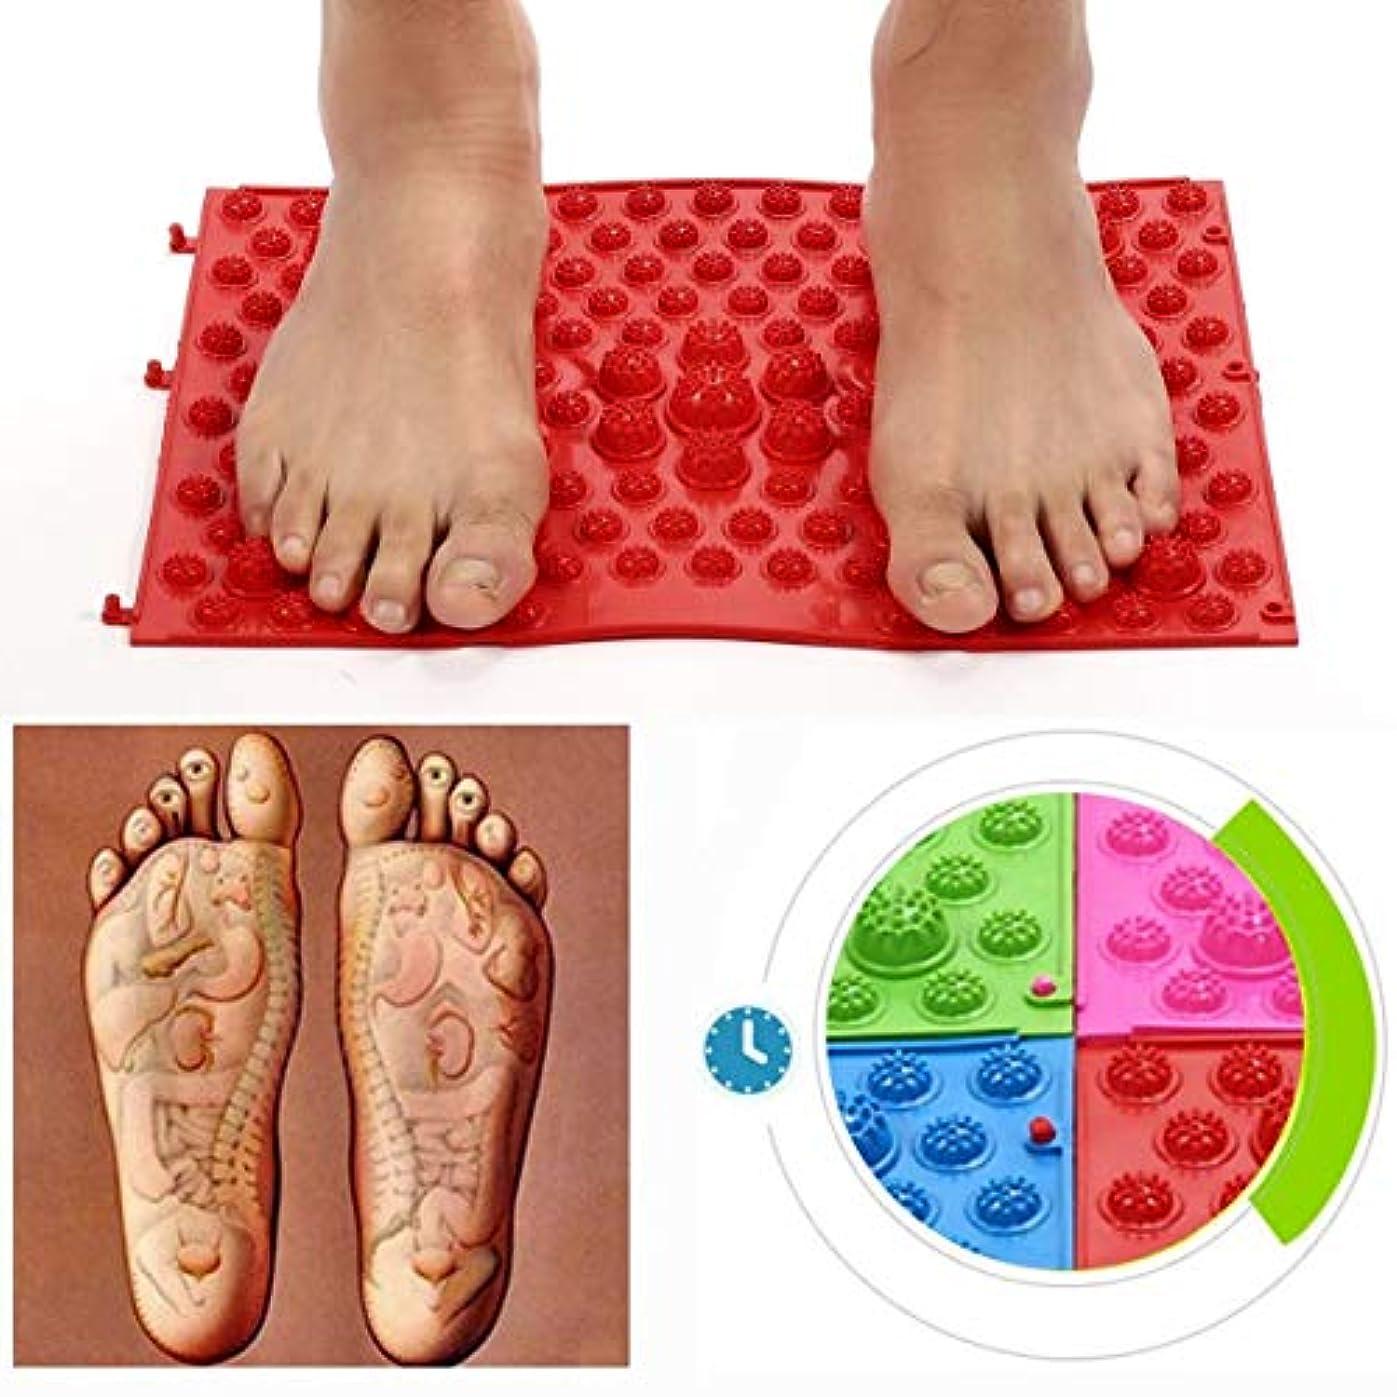 爬虫類熱望するマッサージAcupressure Foot Mats Running Man Game Same Type Foot Reflexology Walking Massage Mat for Pain Relief Stress Relief...